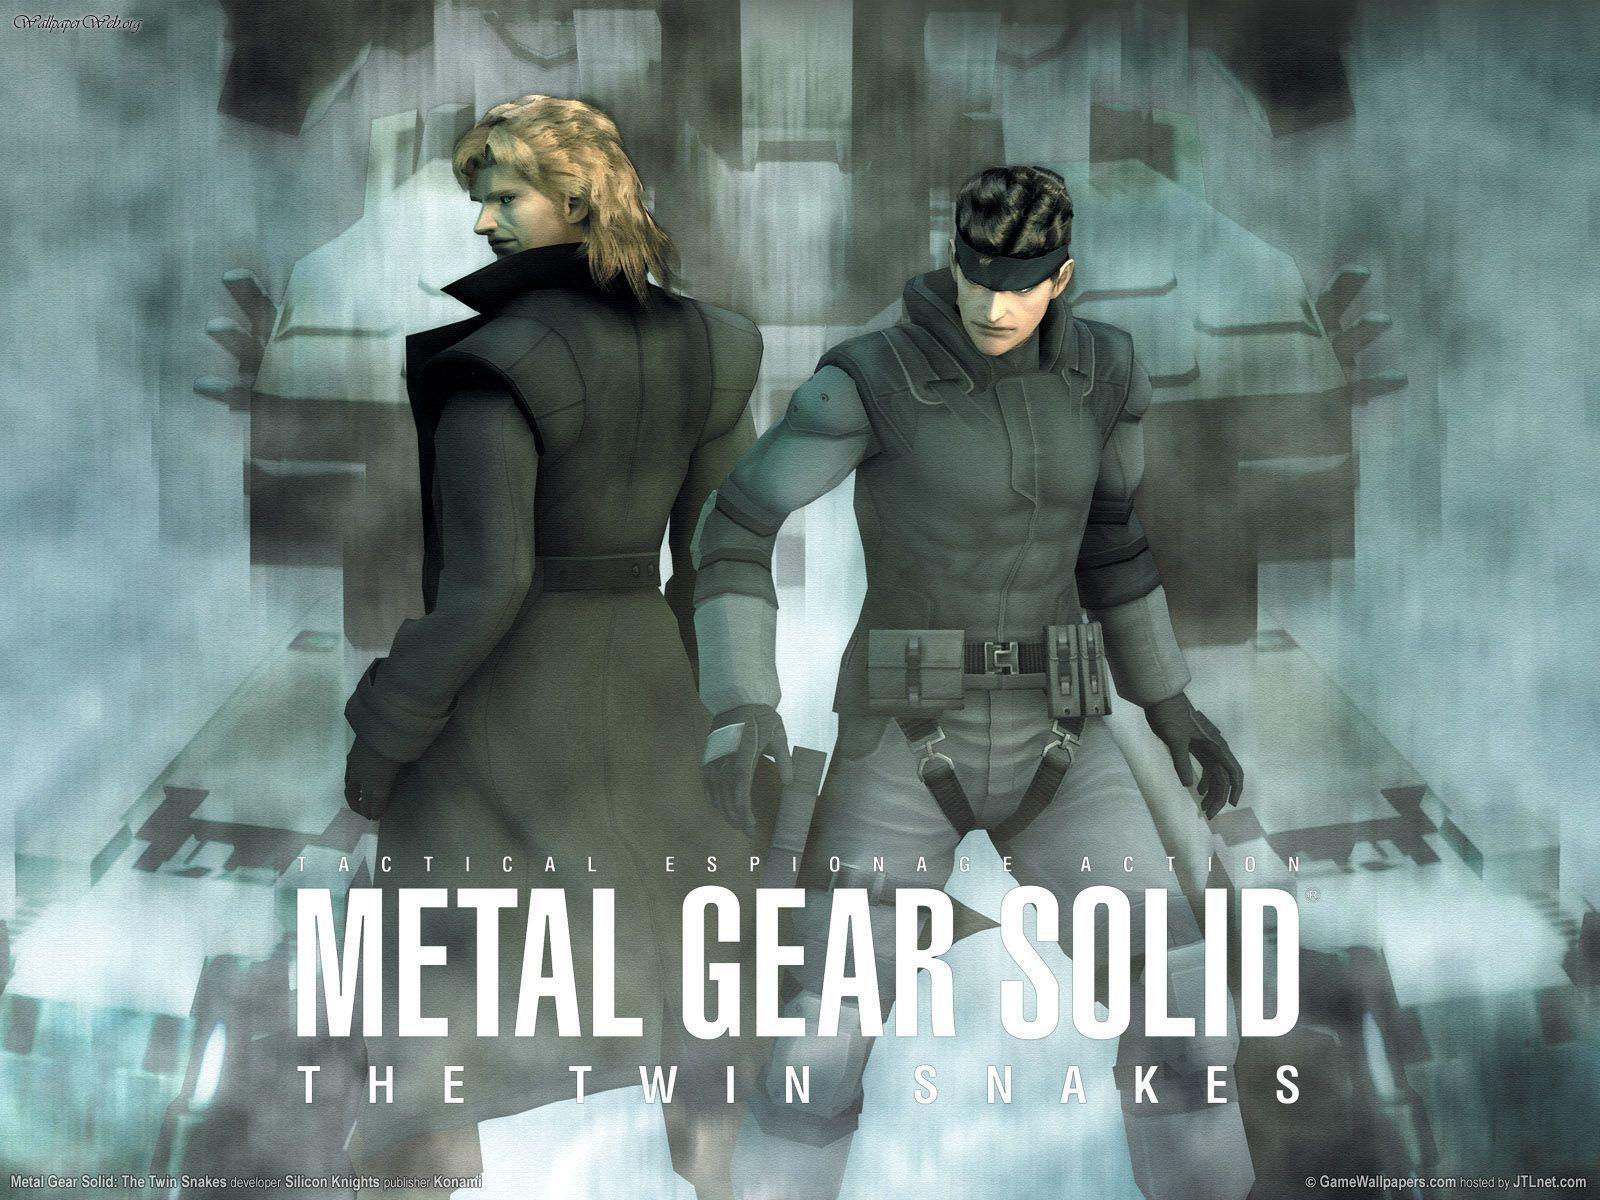 http://2.bp.blogspot.com/-IfuHeDcxwgg/Tz8O7KrBRNI/AAAAAAAAAzQ/kjSFR1KCjiE/s1600/wallpaper_metal_gear_solid_the_twin_snakes_01_1600.jpg